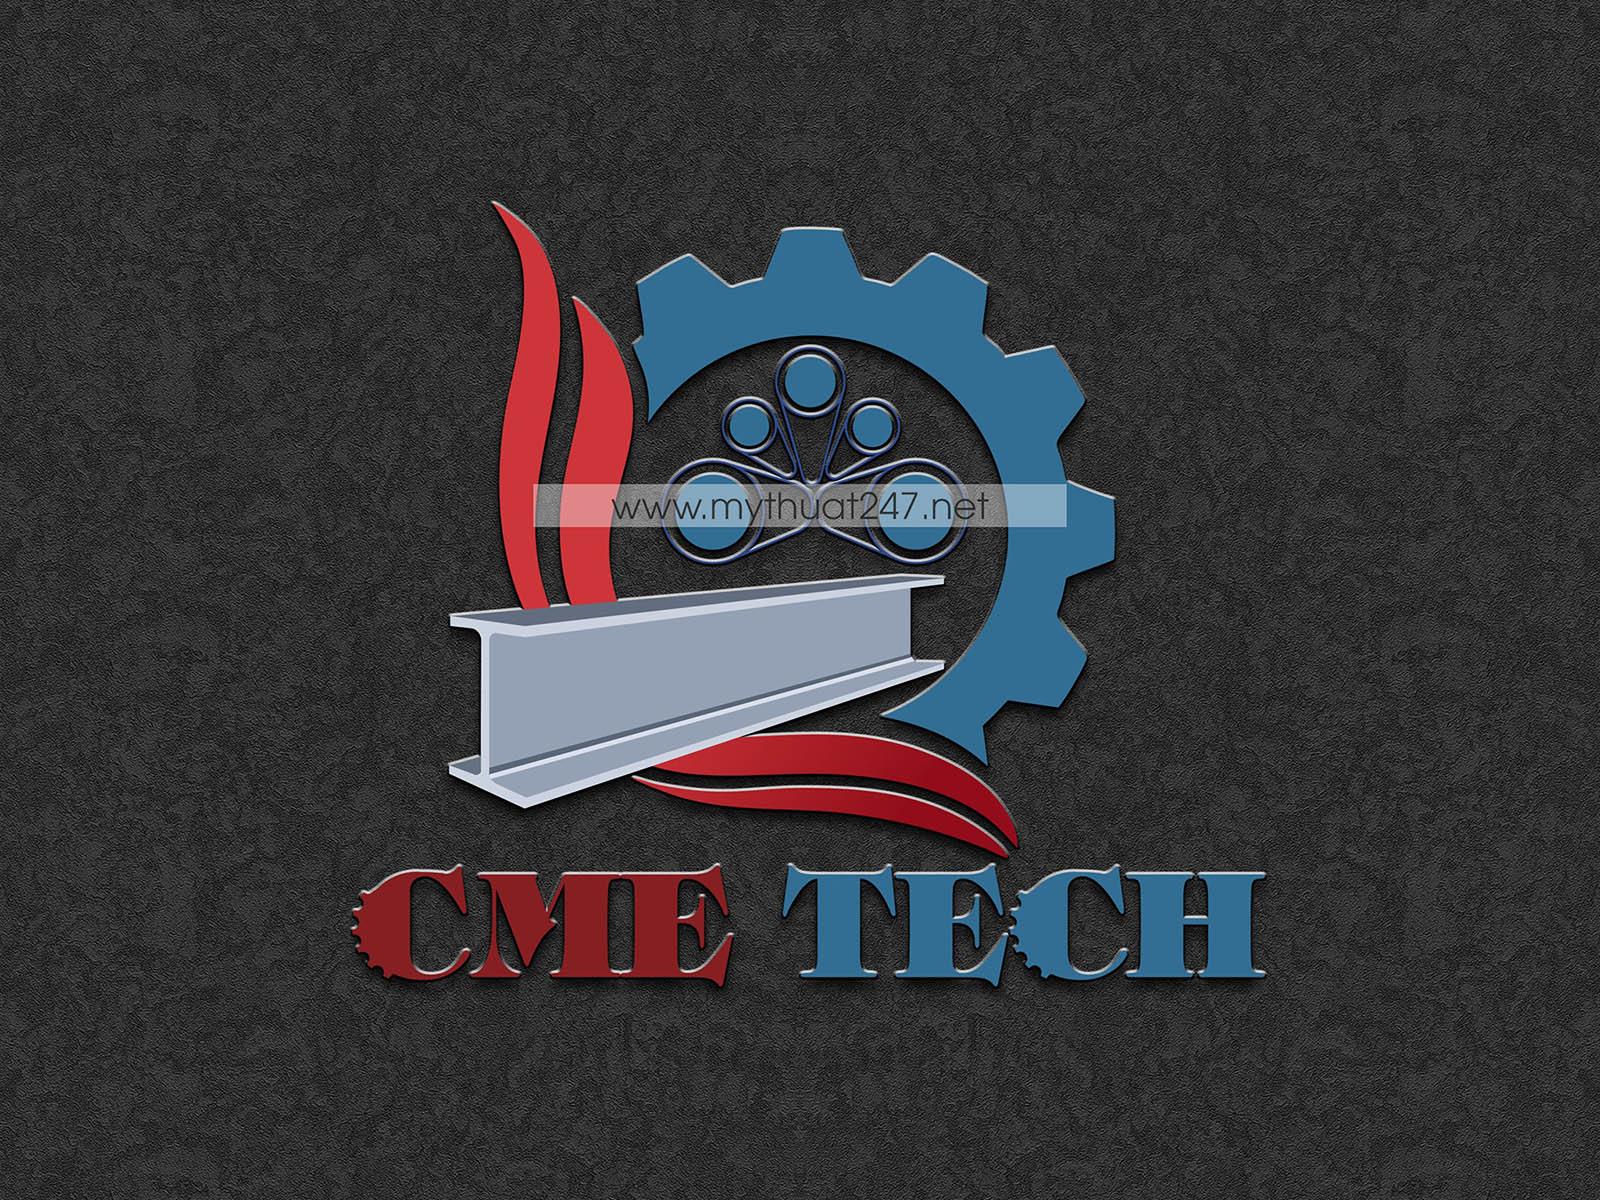 Thiết Kế Logo công ty tnhh cơ điện xây dựng bảo lộc